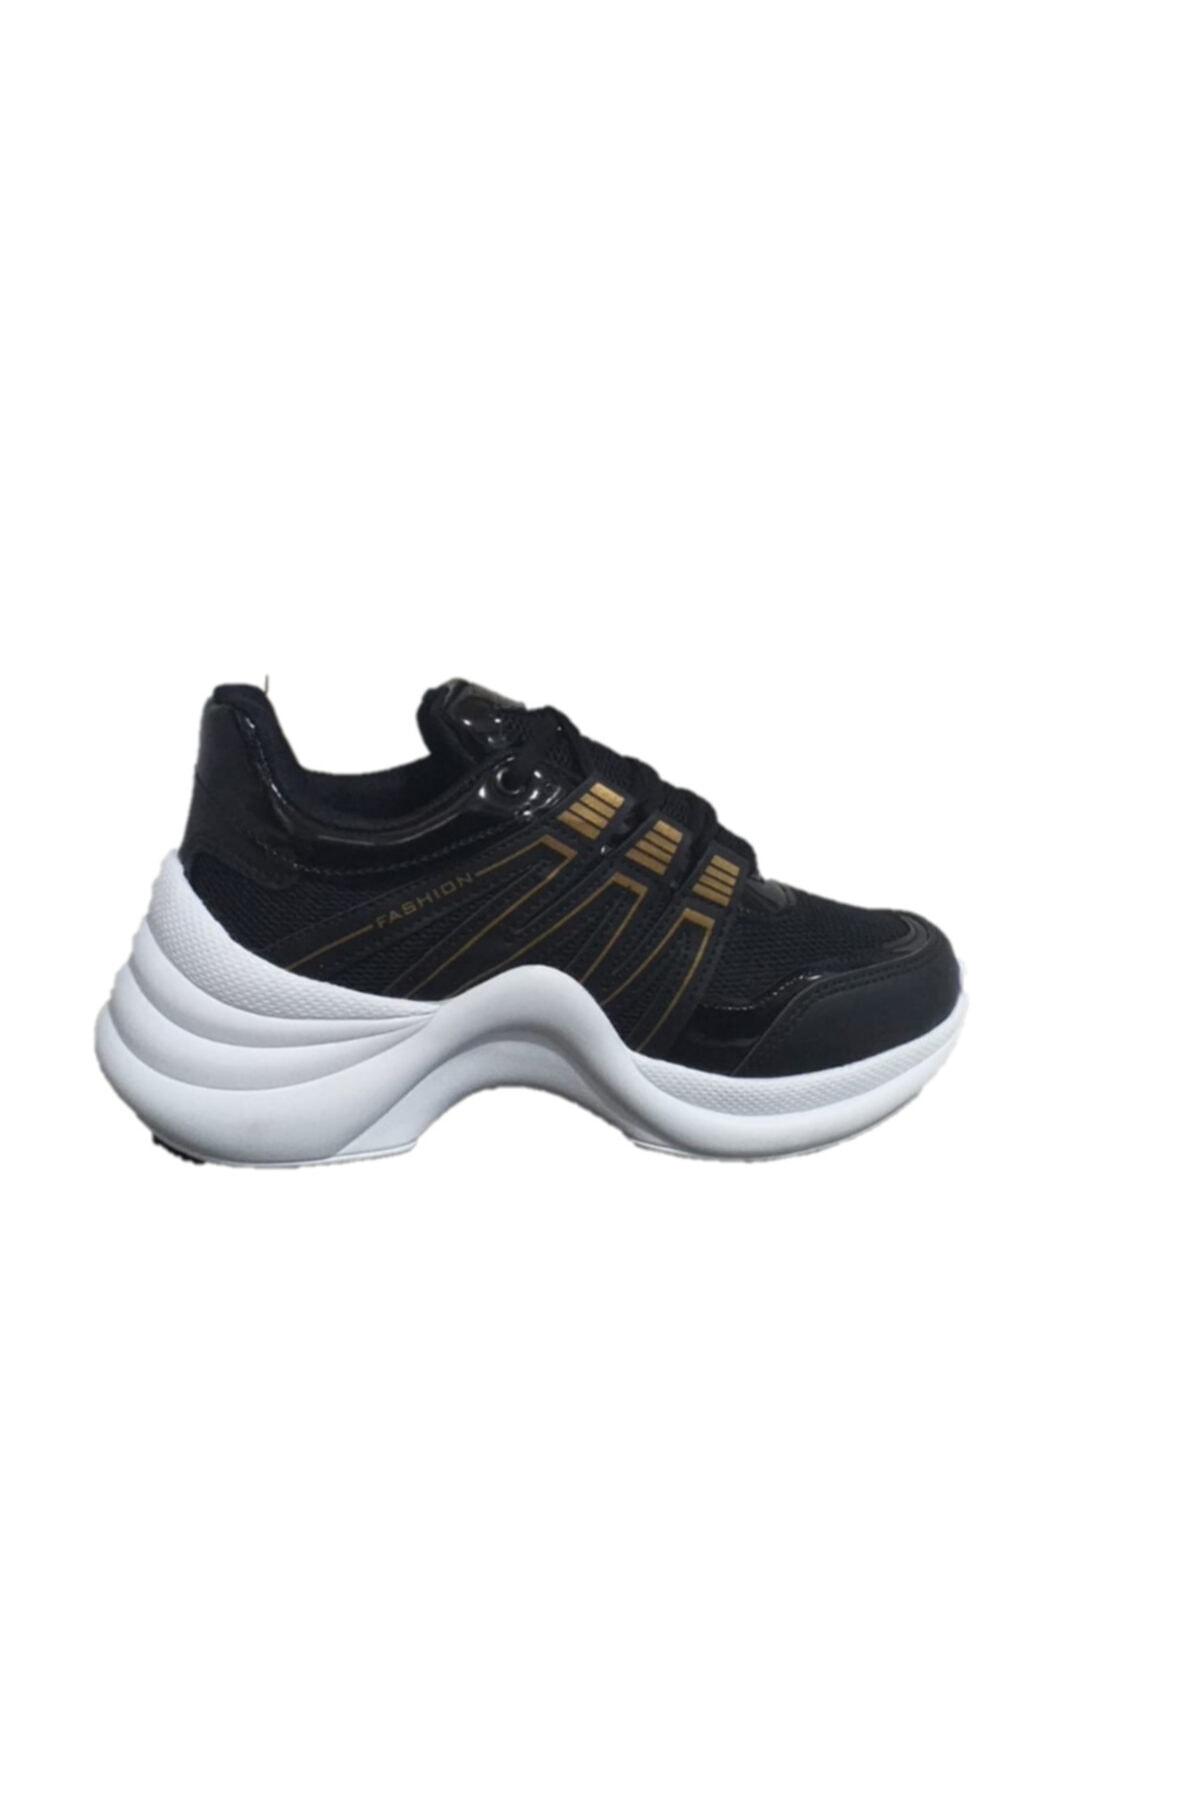 Twingo 602 Siyah Sarı Kadın Spor Ayakkabı 2